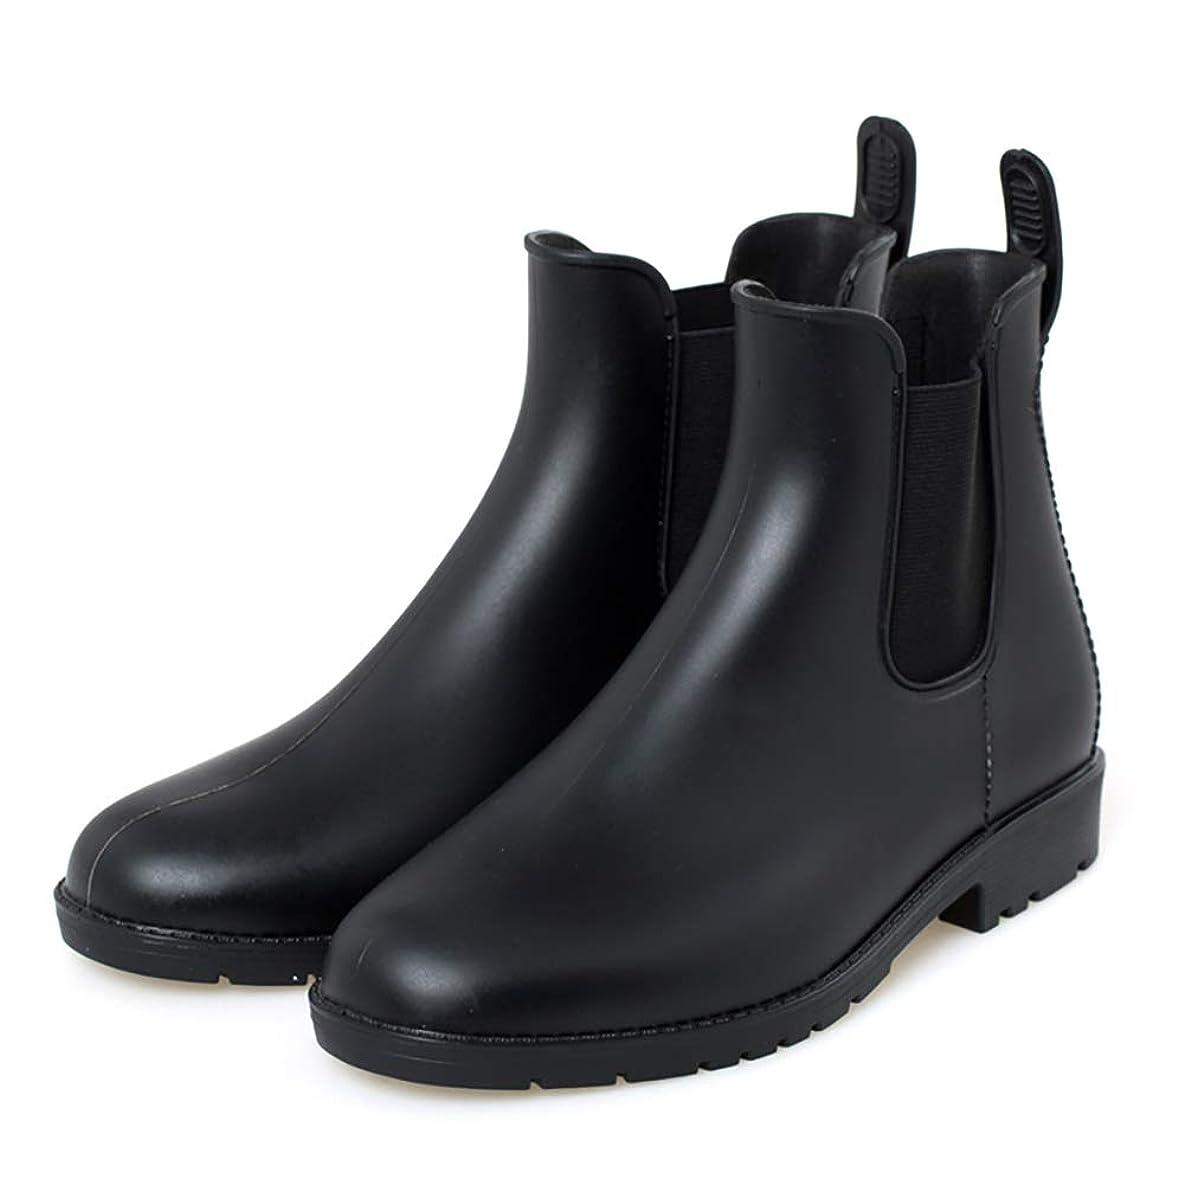 力強い浸すスピン[Shoelike] レディース レインシューズ 防水靴 ブーツ 雨靴 ショート レインブーツ 黒 シンプル カジュアル ファッション 通勤 梅雨対策 滑り止め